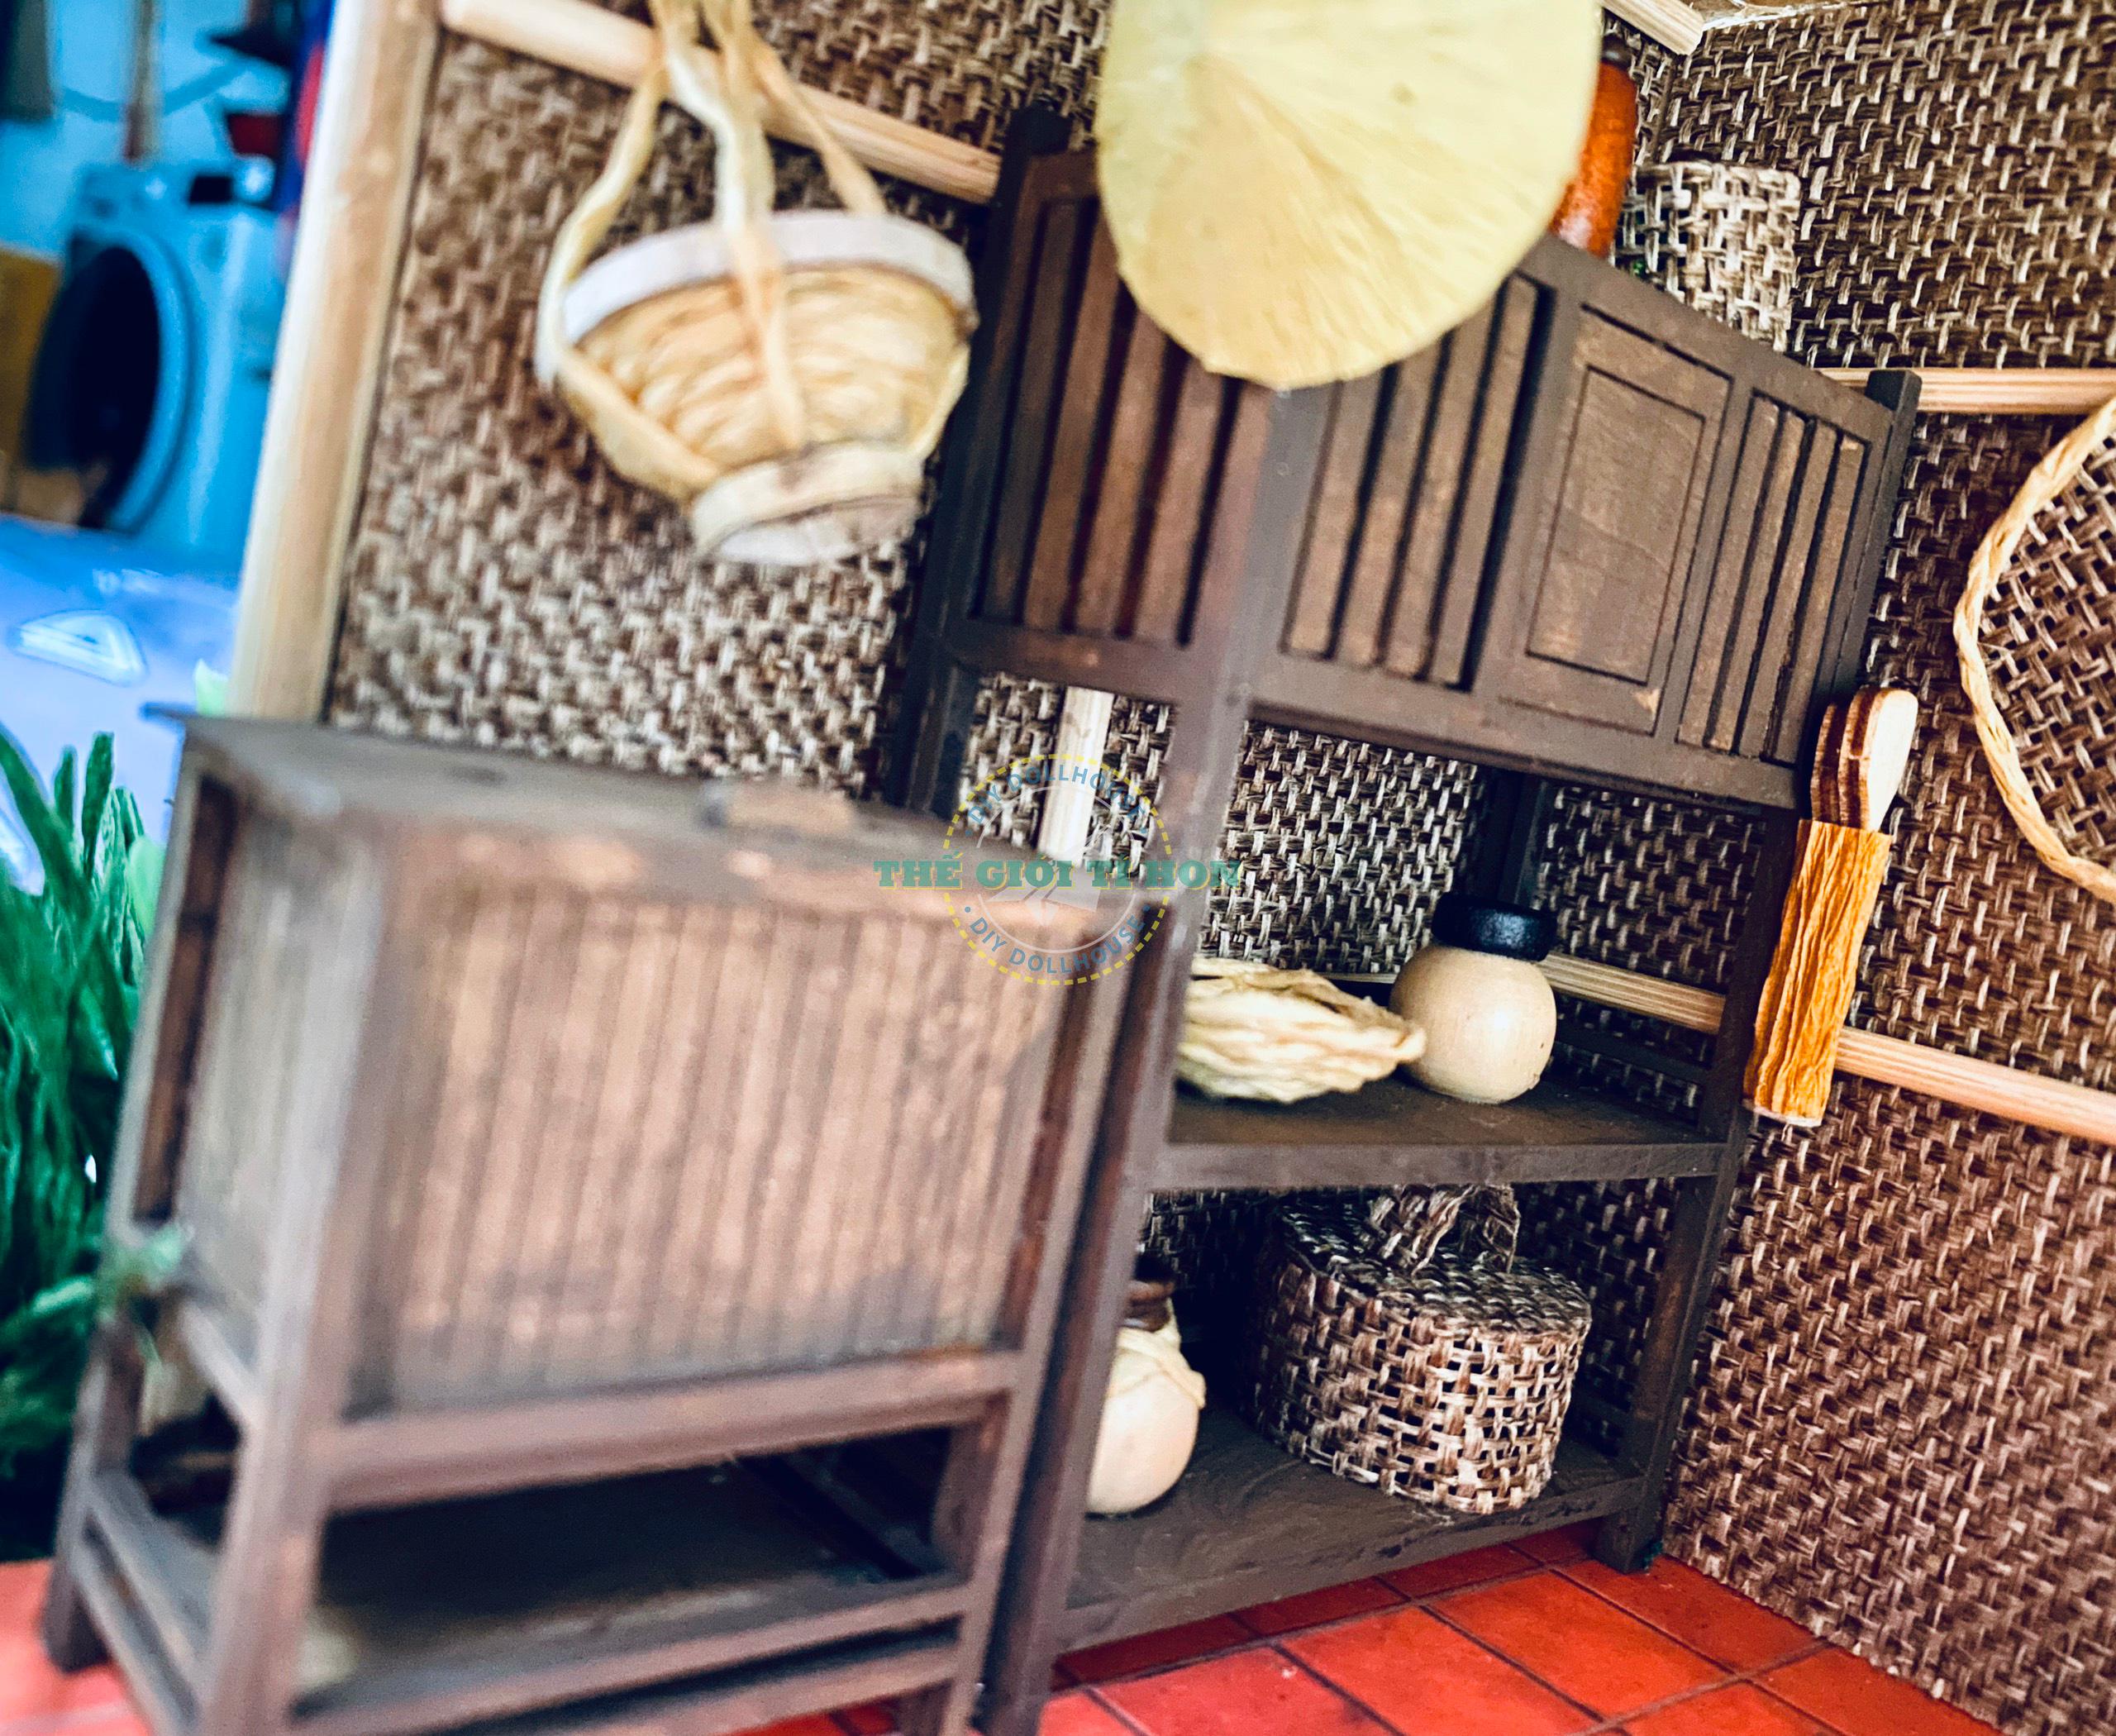 Mô Hình Handmade Gỗ Tự Lắp Ráp Bếp Quê Xưa Của Chị Tường Linh - MT01